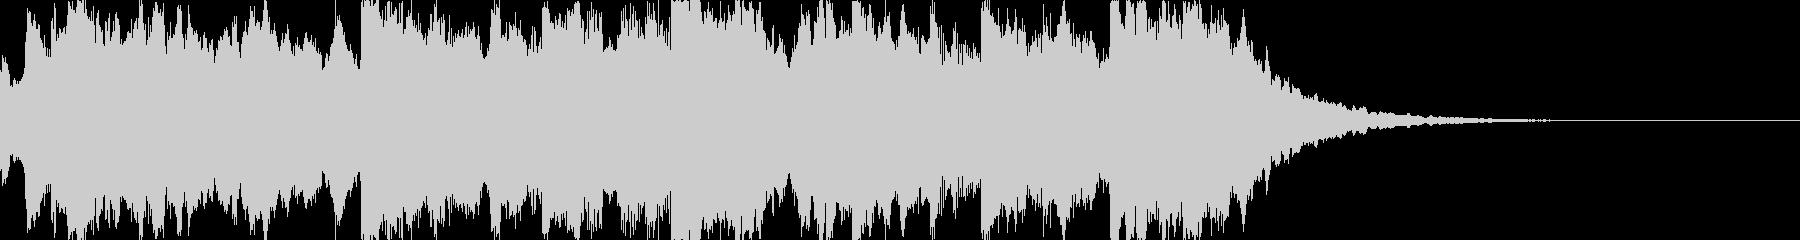 時報 呼びかけ チャイム(残響あり)の未再生の波形